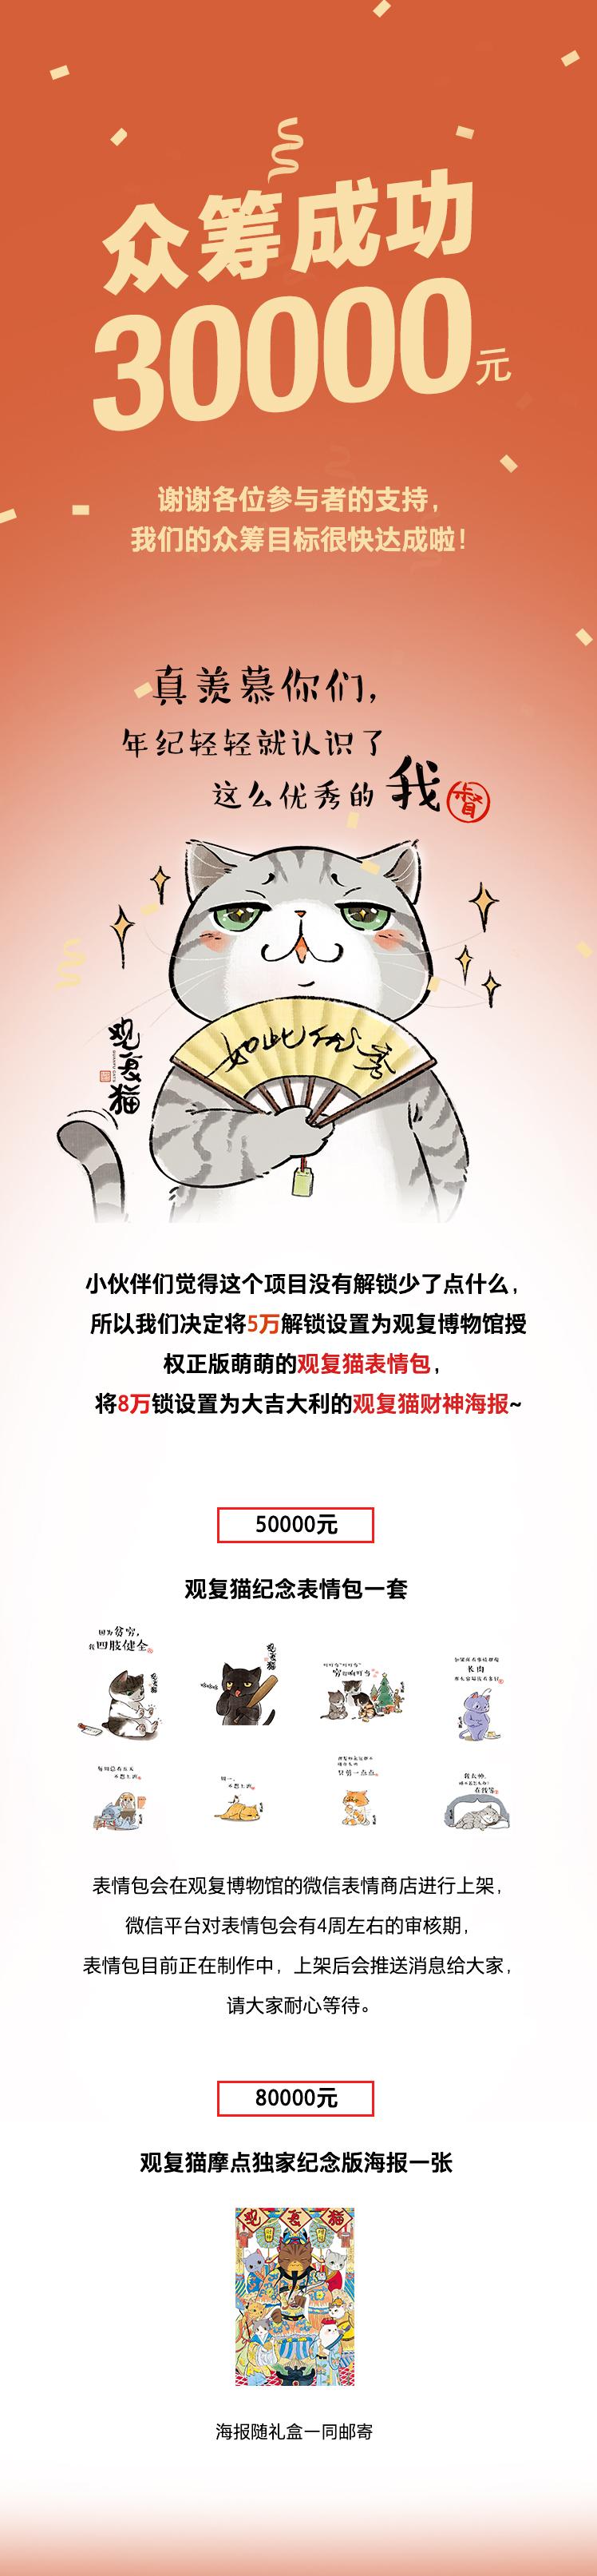 众筹成功+解锁福利.jpg